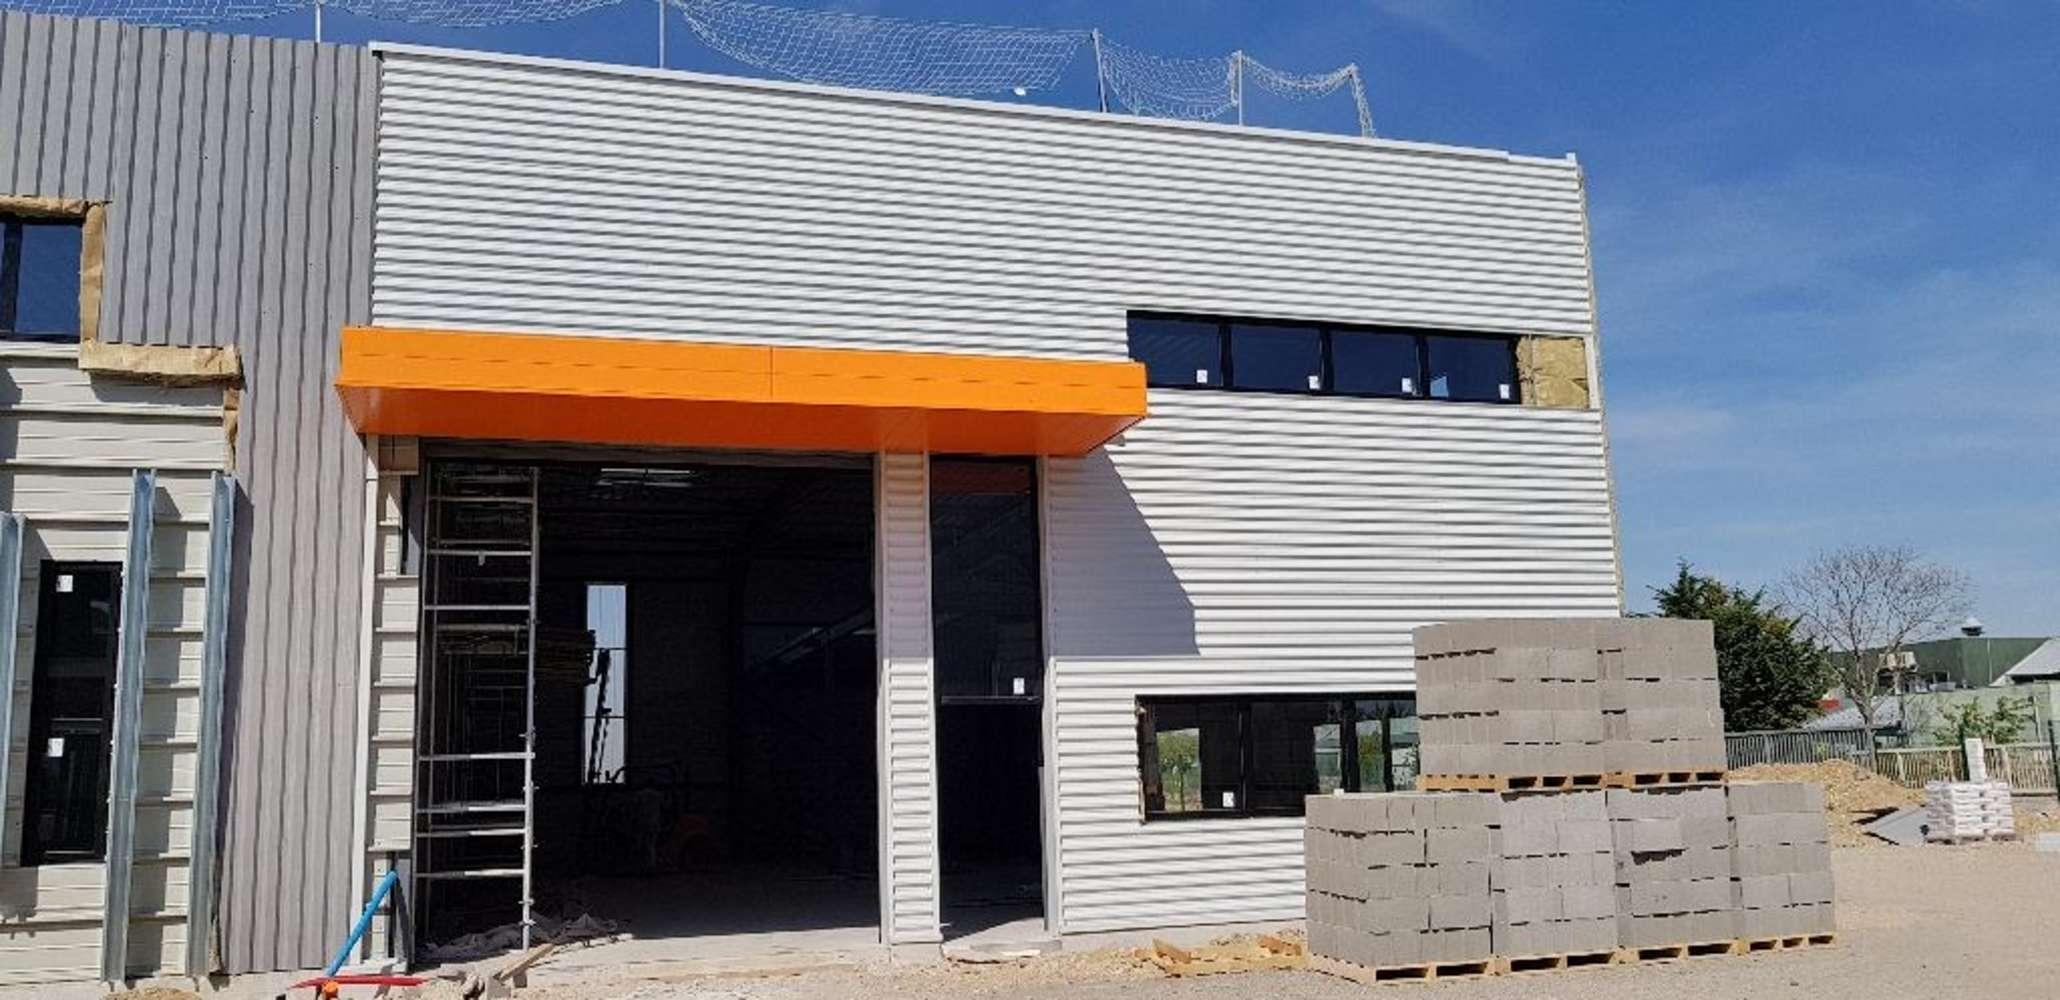 Activités/entrepôt Corbas, 69960 - Parc Montmartin - Entrepot à vendre Lyon - 9854569